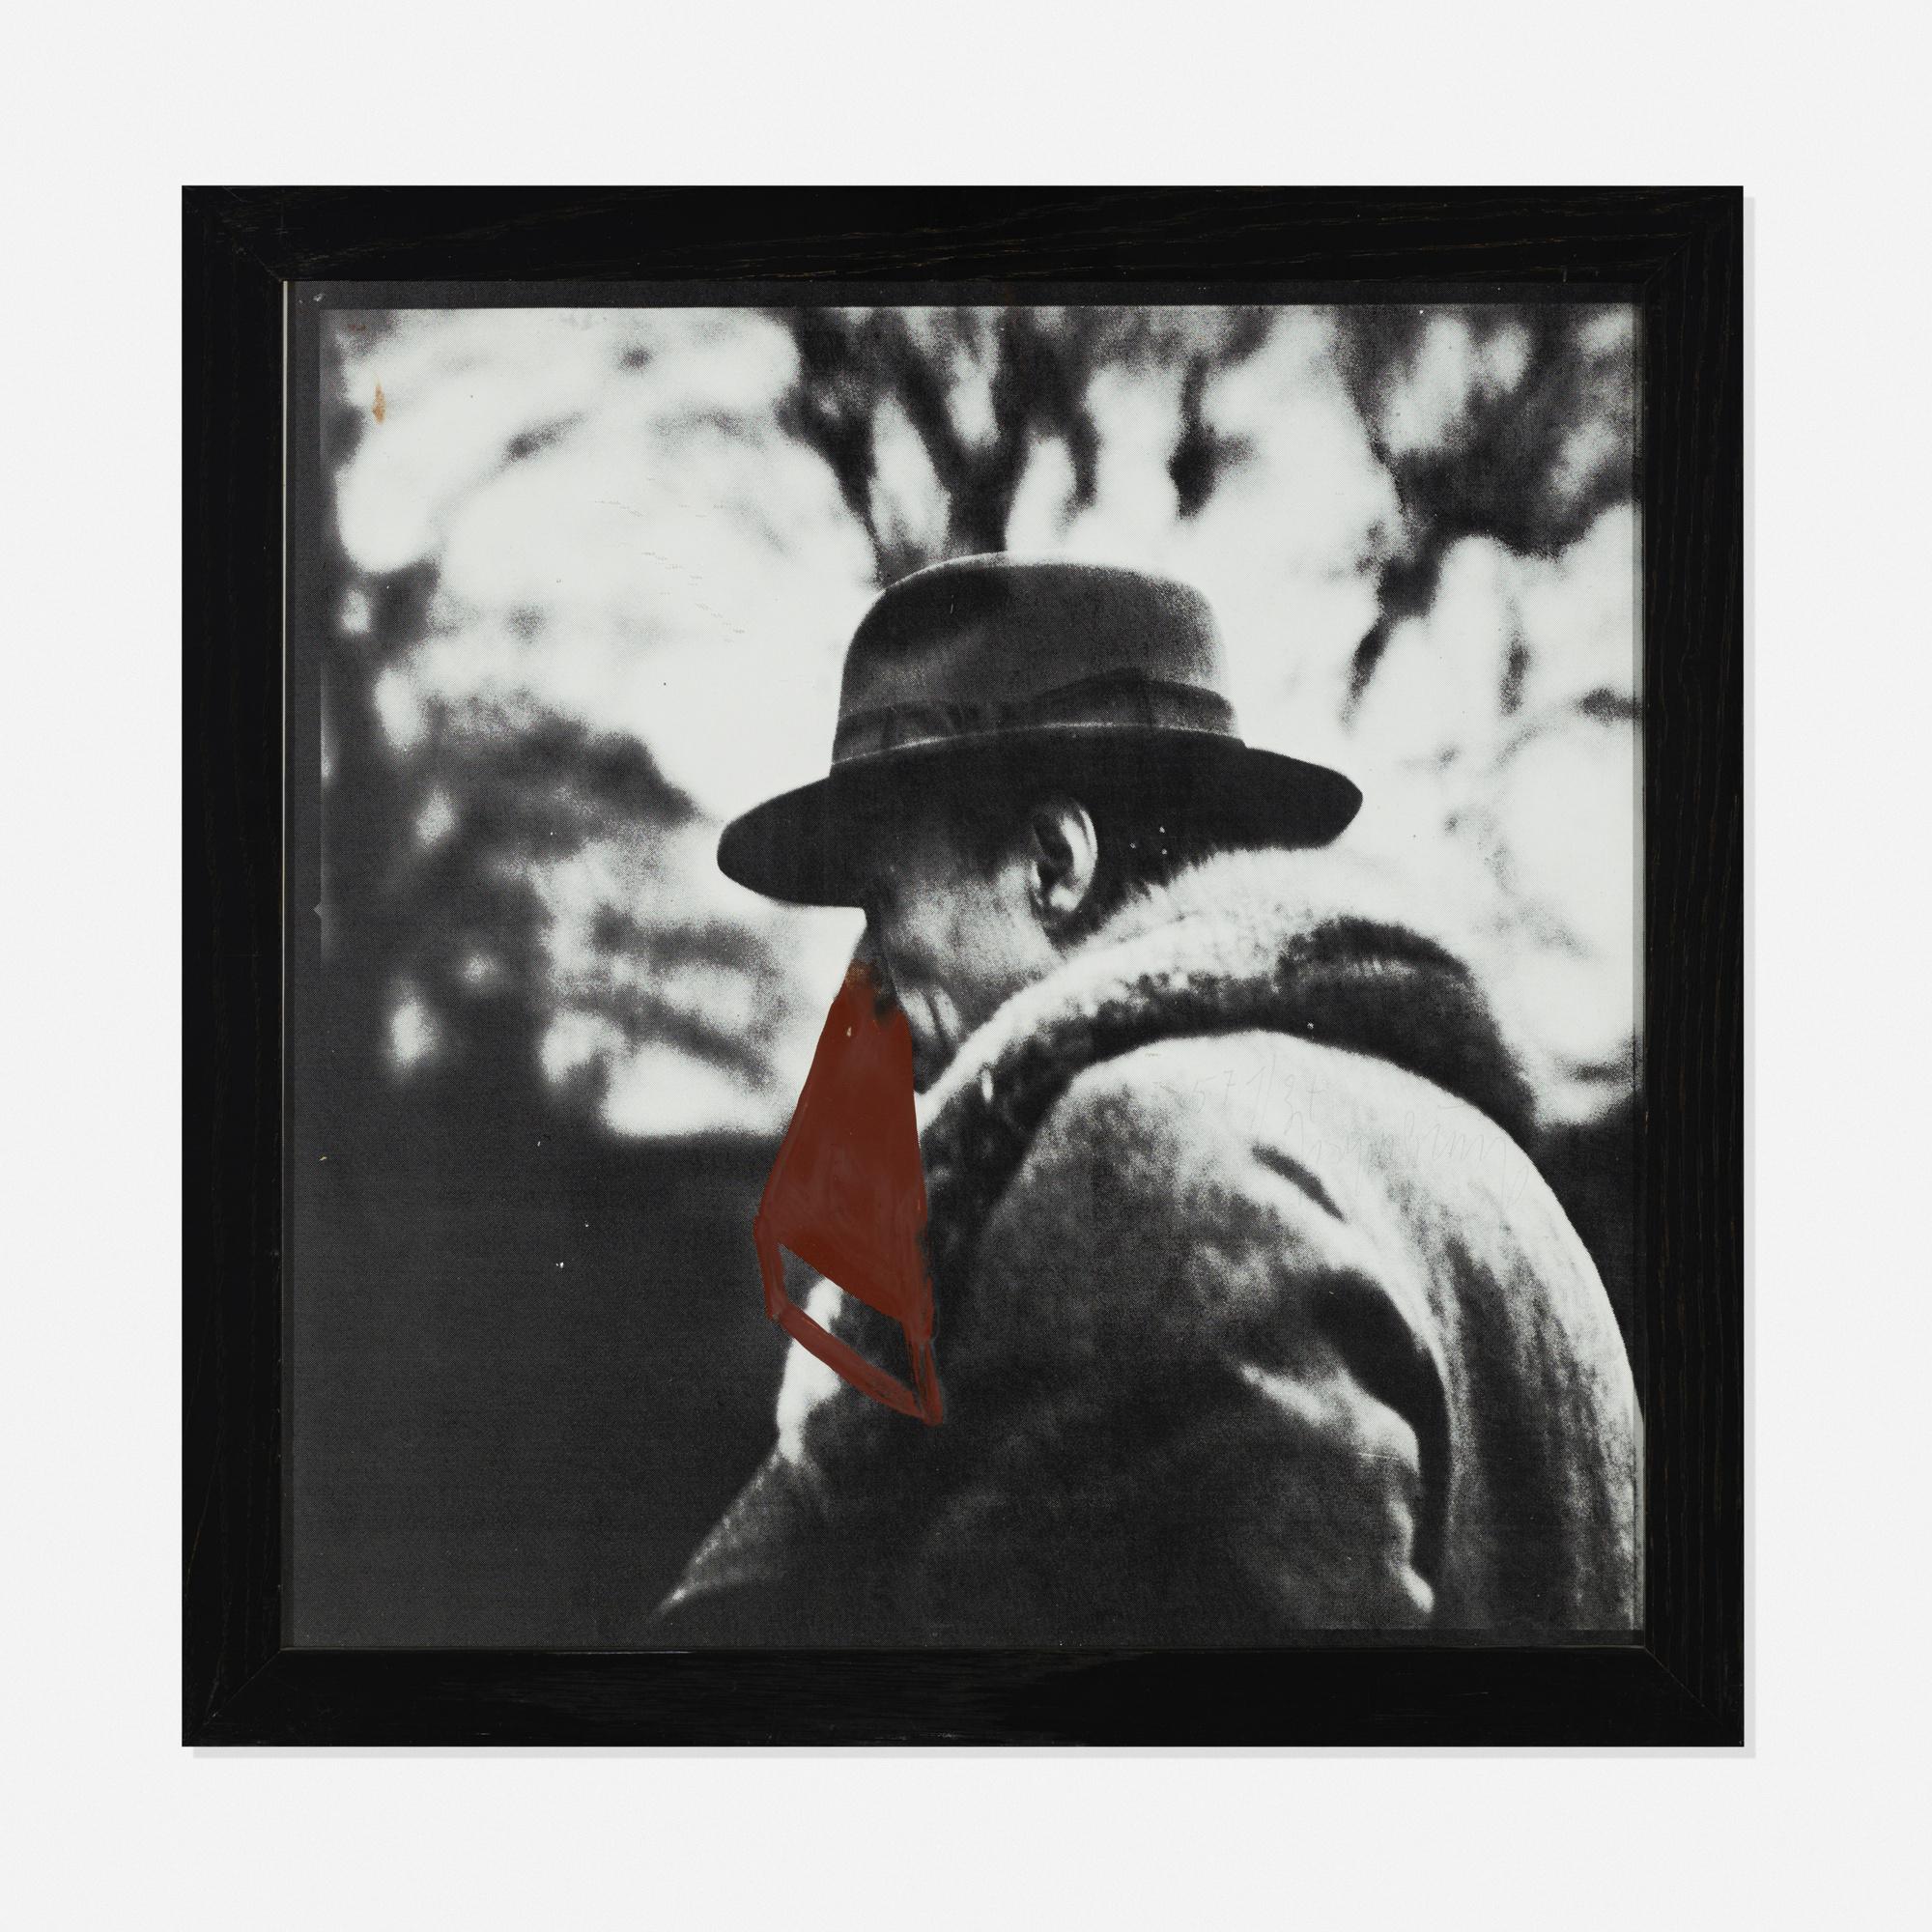 235: Joseph Beuys / 3 Tonnen edition (2 of 2)